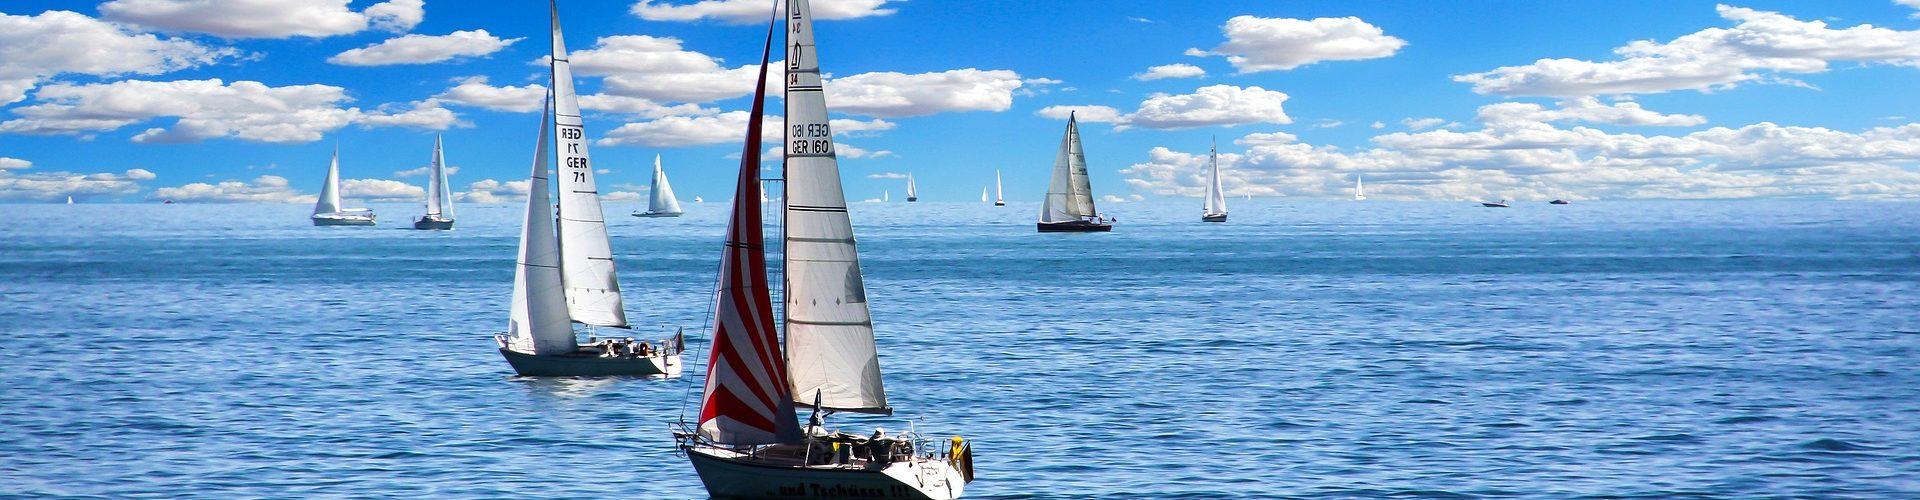 segeln lernen in Schwanewede segelschein machen in Schwanewede 1920x500 - Segeln lernen in Schwanewede